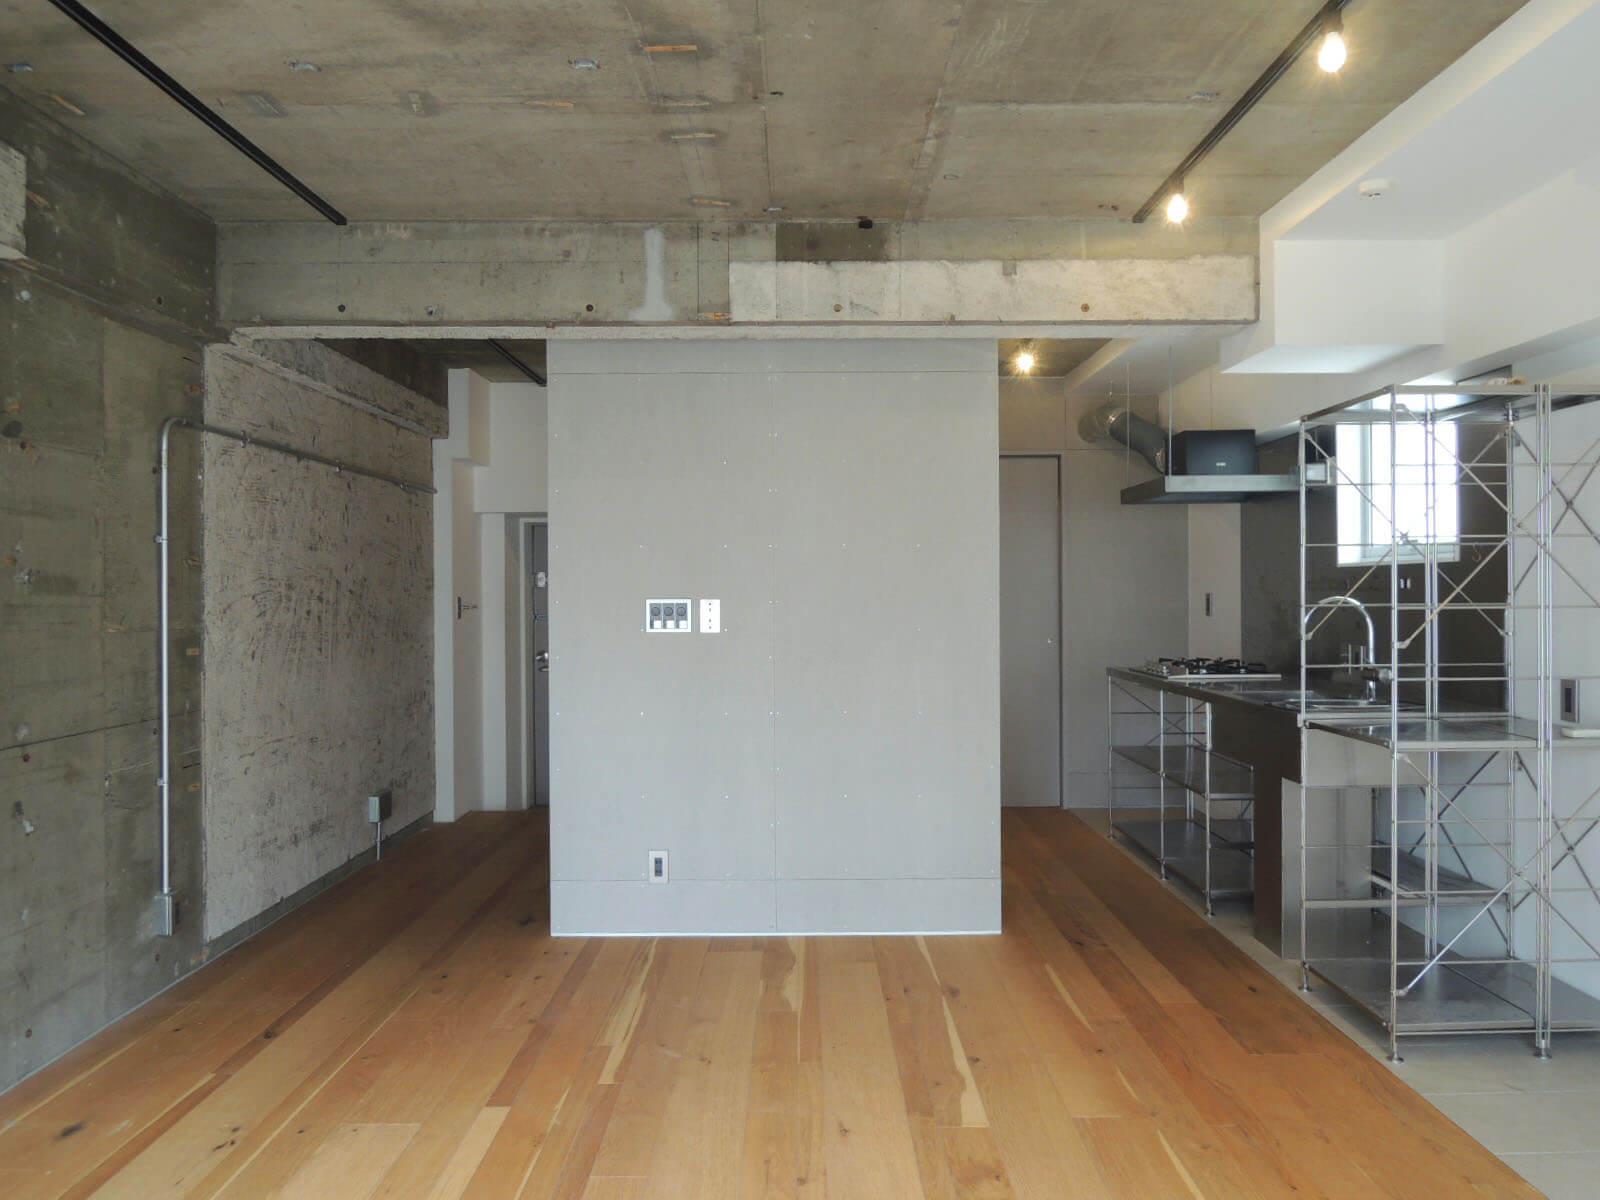 【家】1-2人暮らしサイズのデザインされた空間です